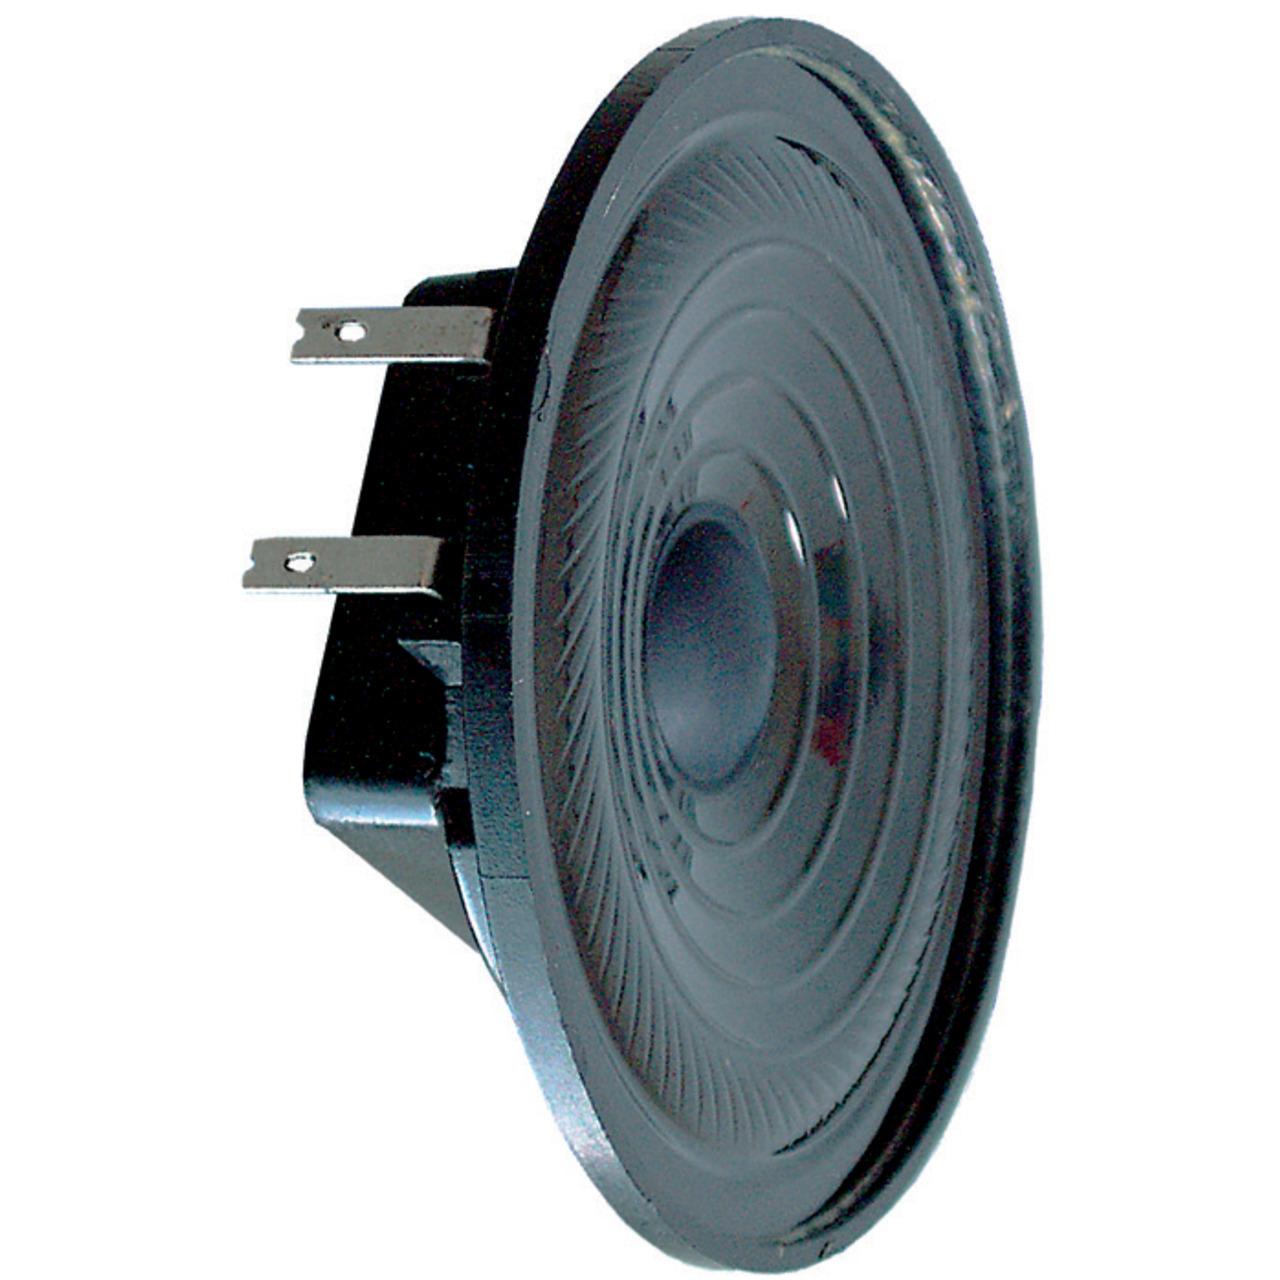 VISATON Breitbandlautsprecher mit Kunststoffkorb und Kunststoffmembran 6-4 cm- K 64 WP - 50 Ohm